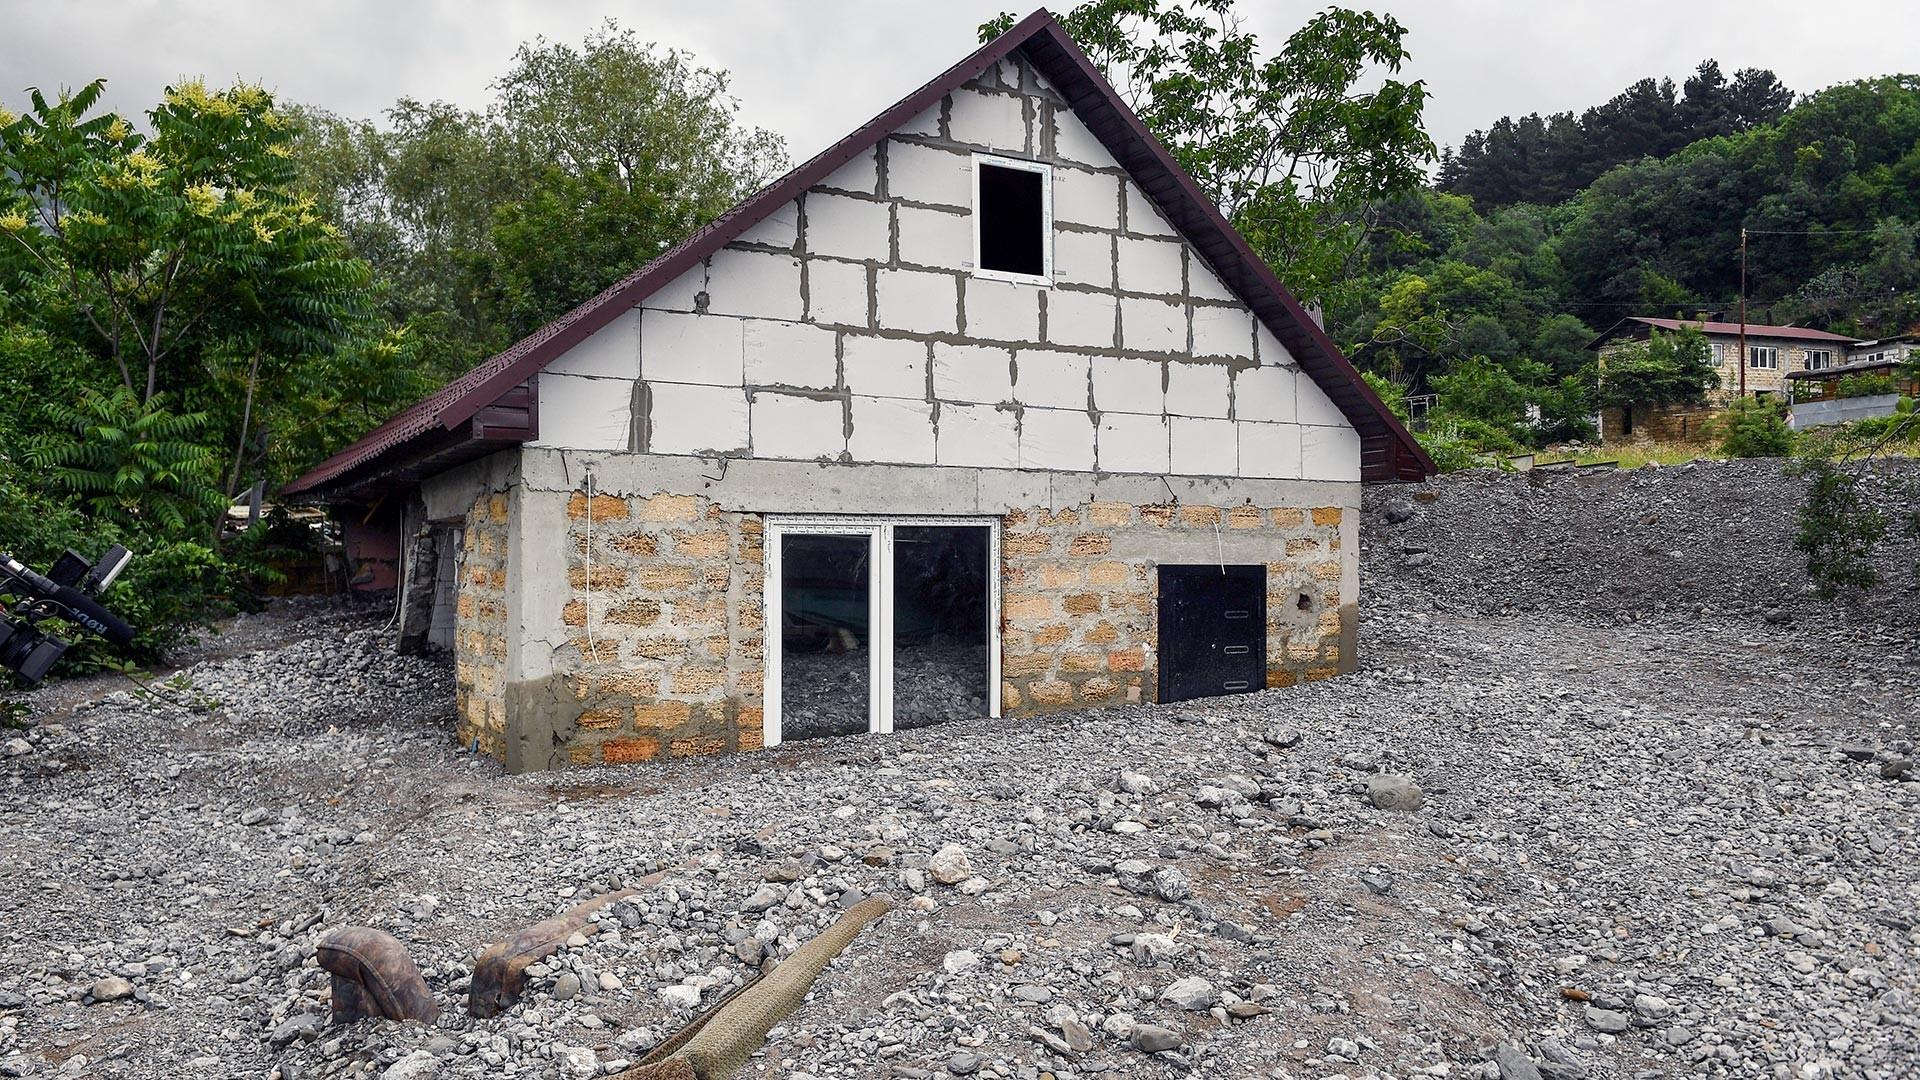 На Крим имаше обилни дождови кои предизвикаа поплави. Во селото Василевка во Јалтинскиот регион поплавени се 10 куќи, од кои неколку се целосно под вода.